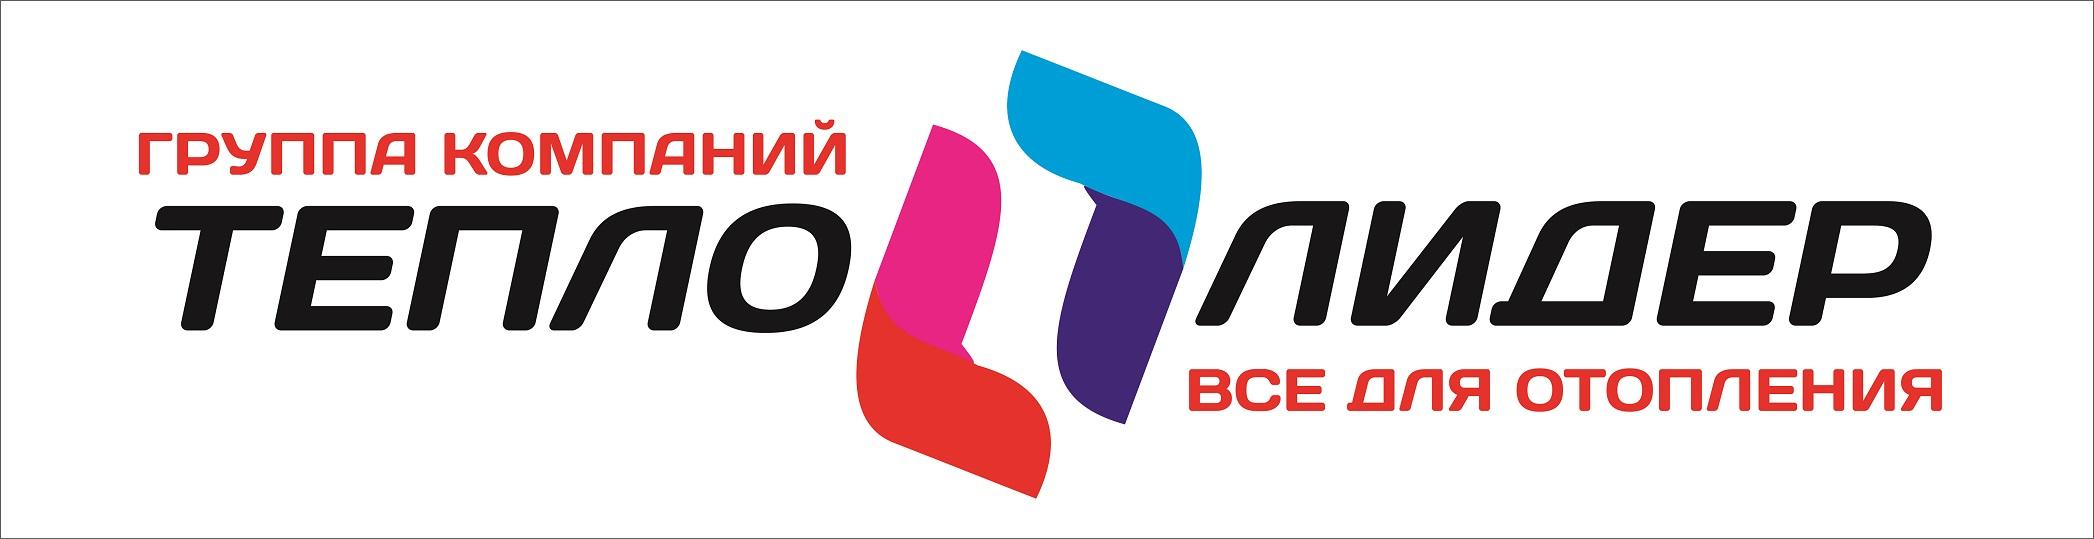 Магазин ТЕПЛОЛИДЕР